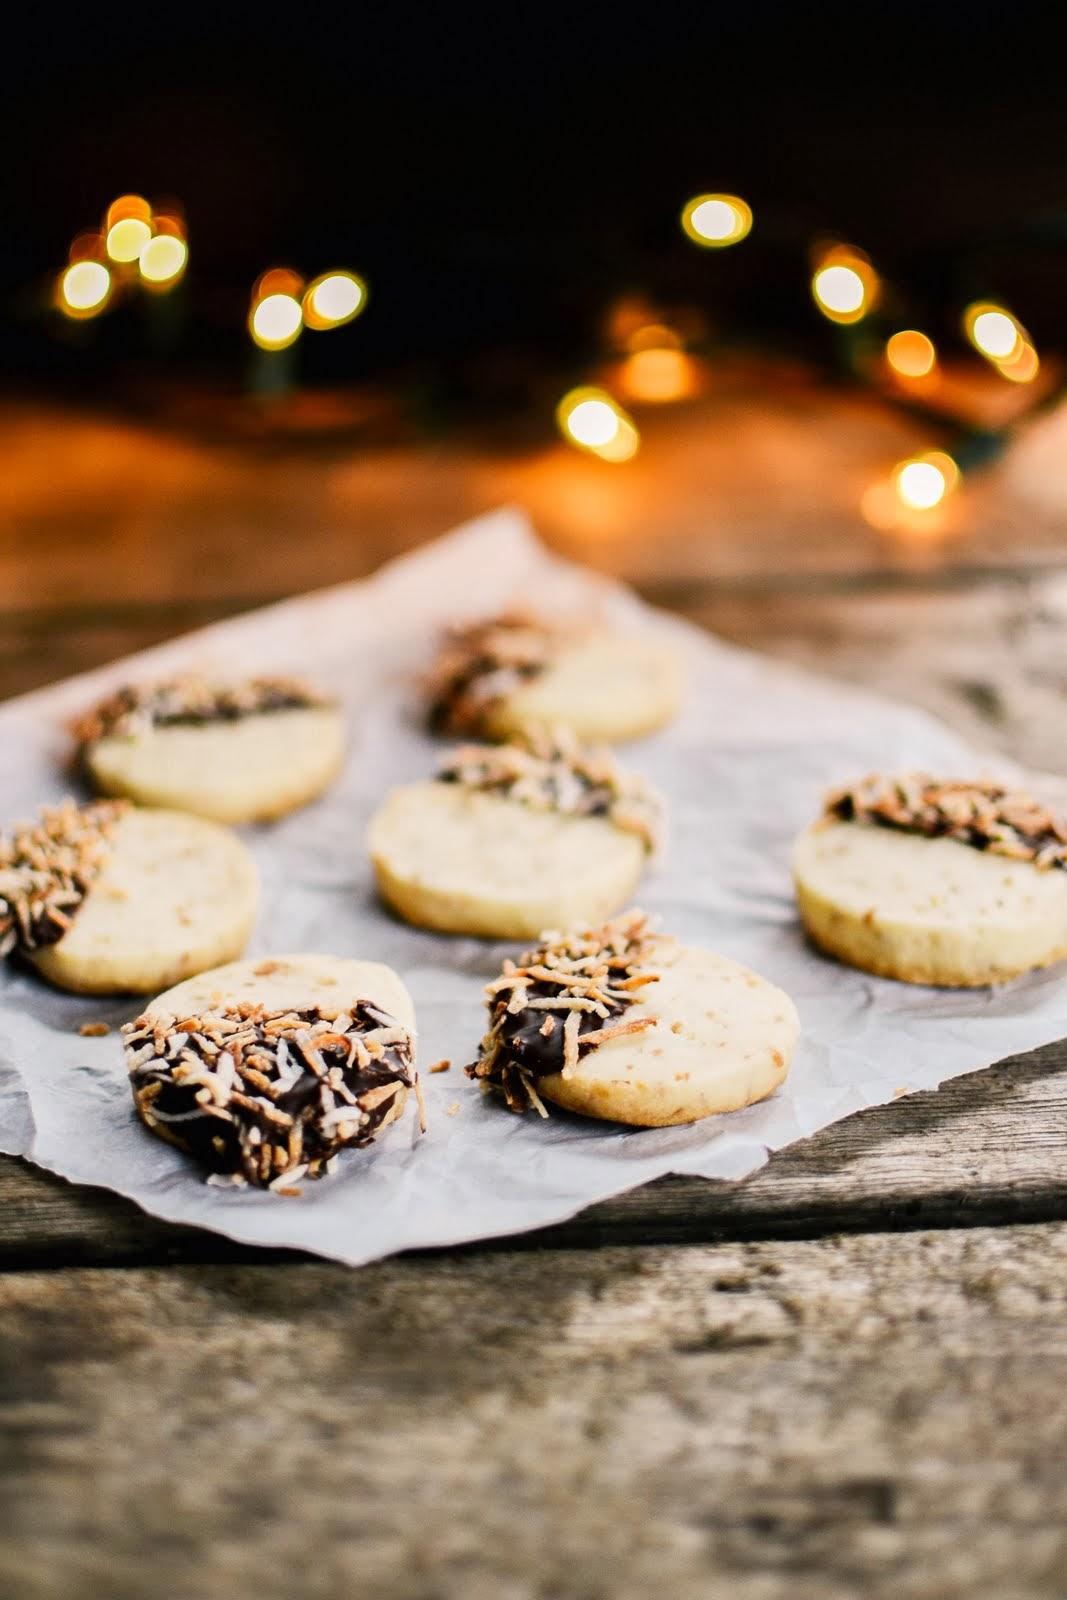 coconut+cookies-12.jpg